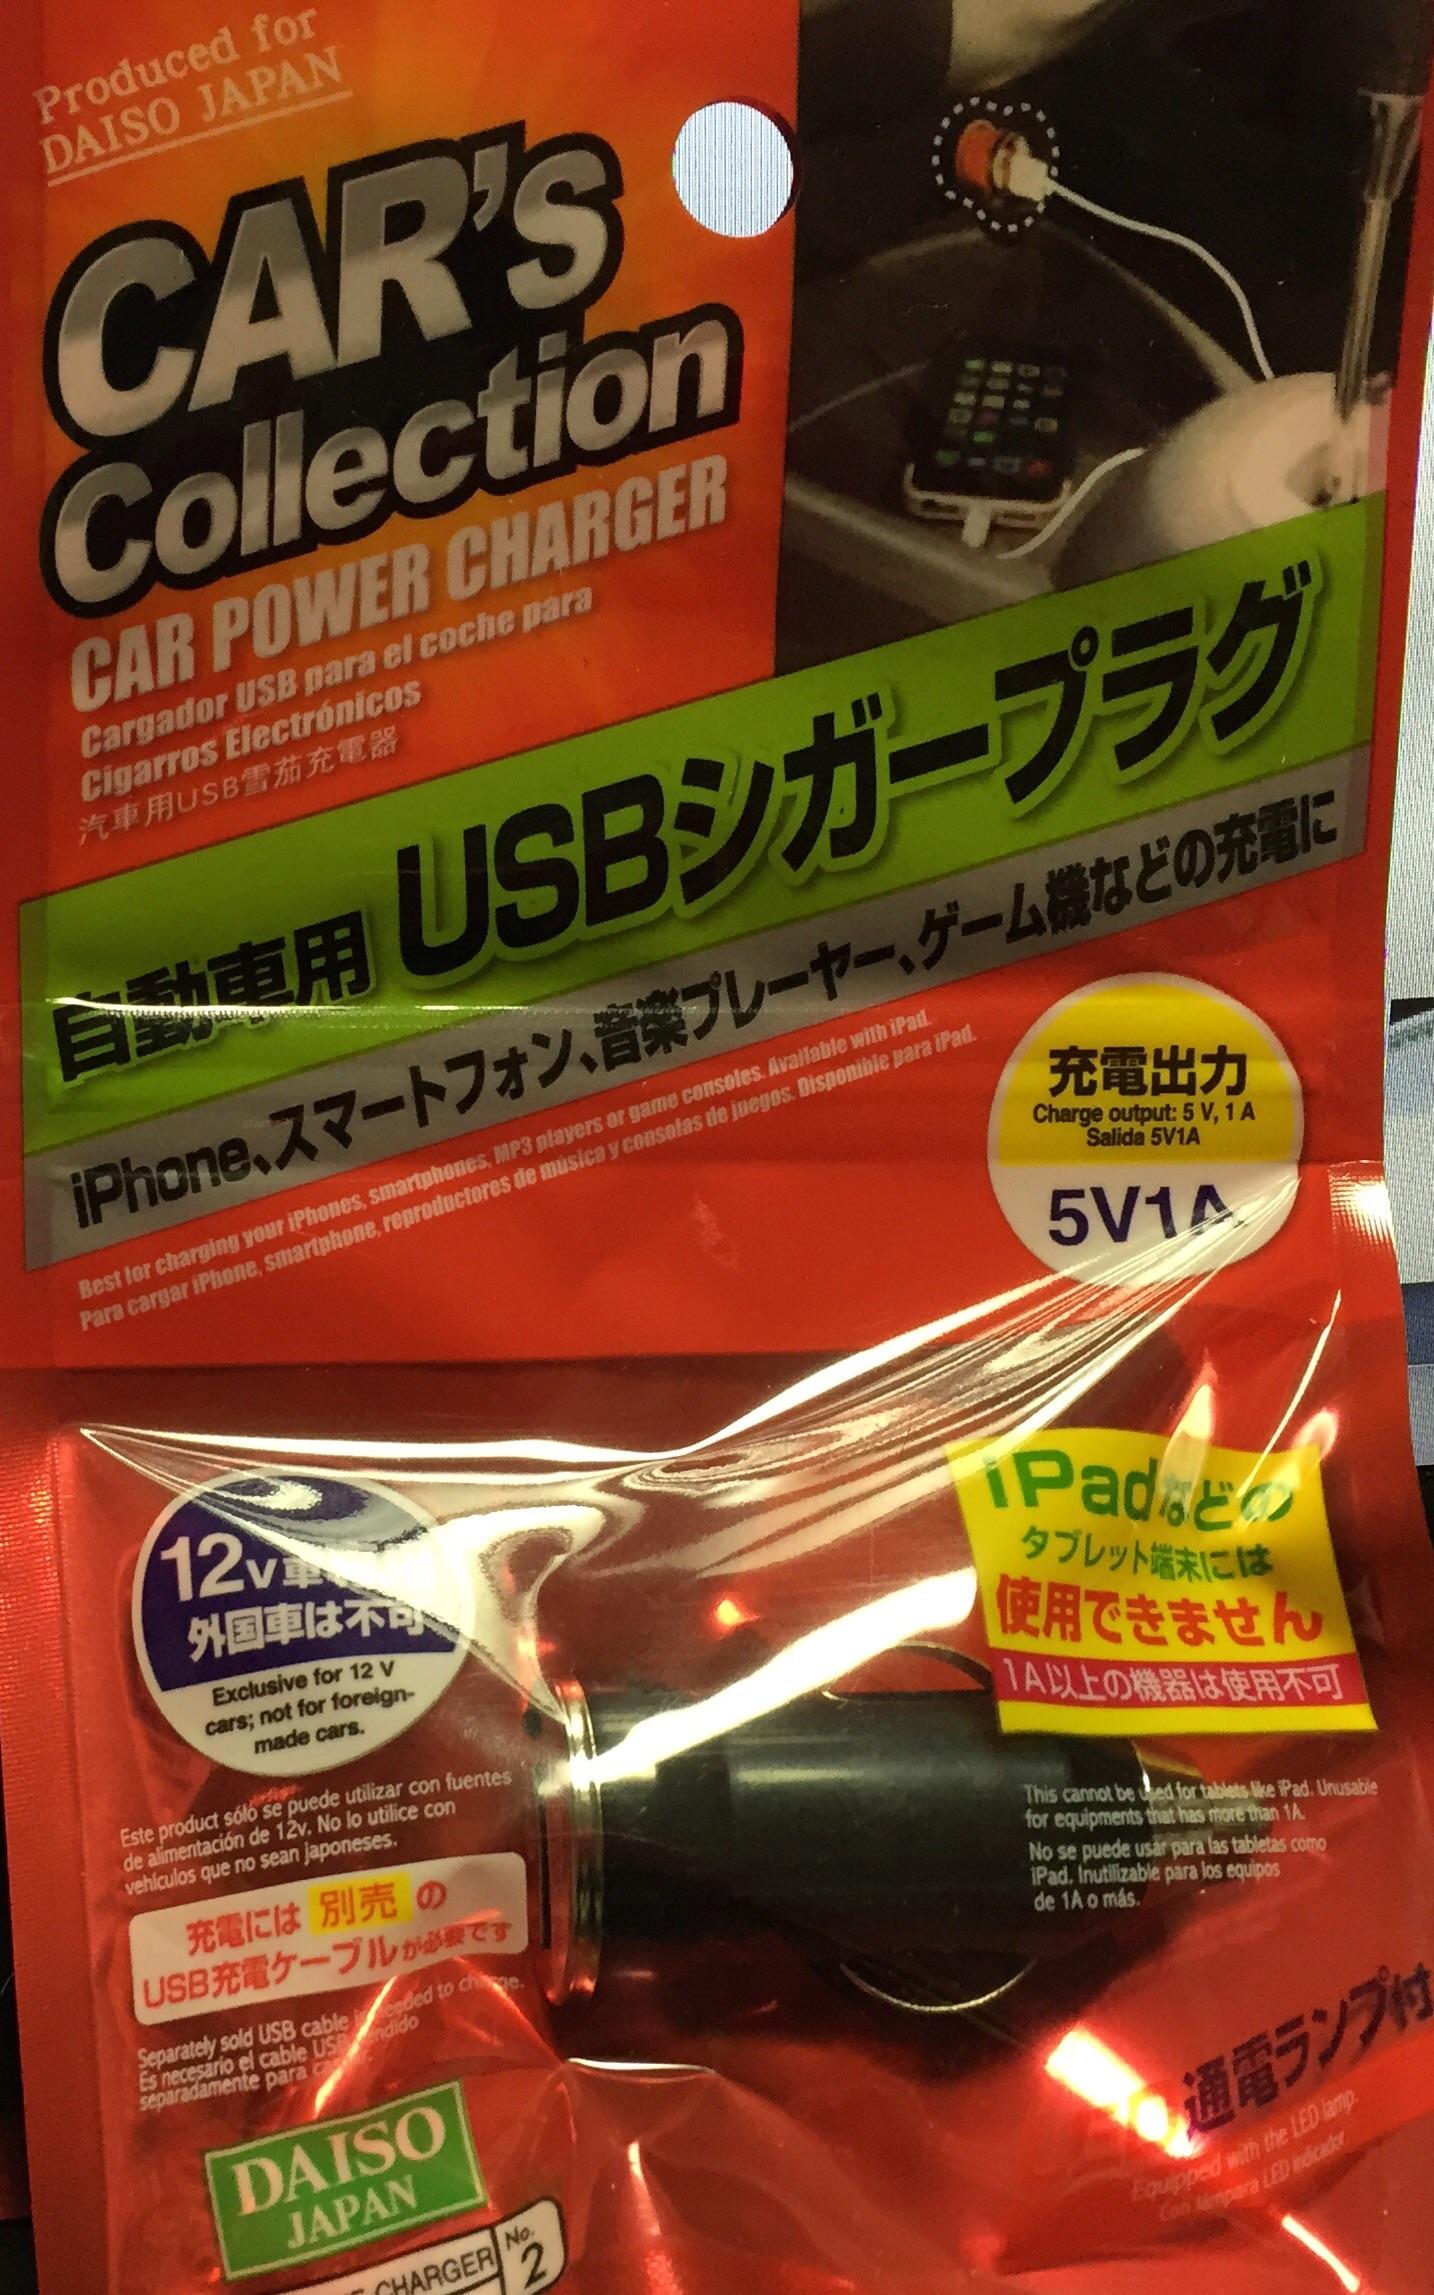 iPhoneを車で充電できるUSBシガープラグ